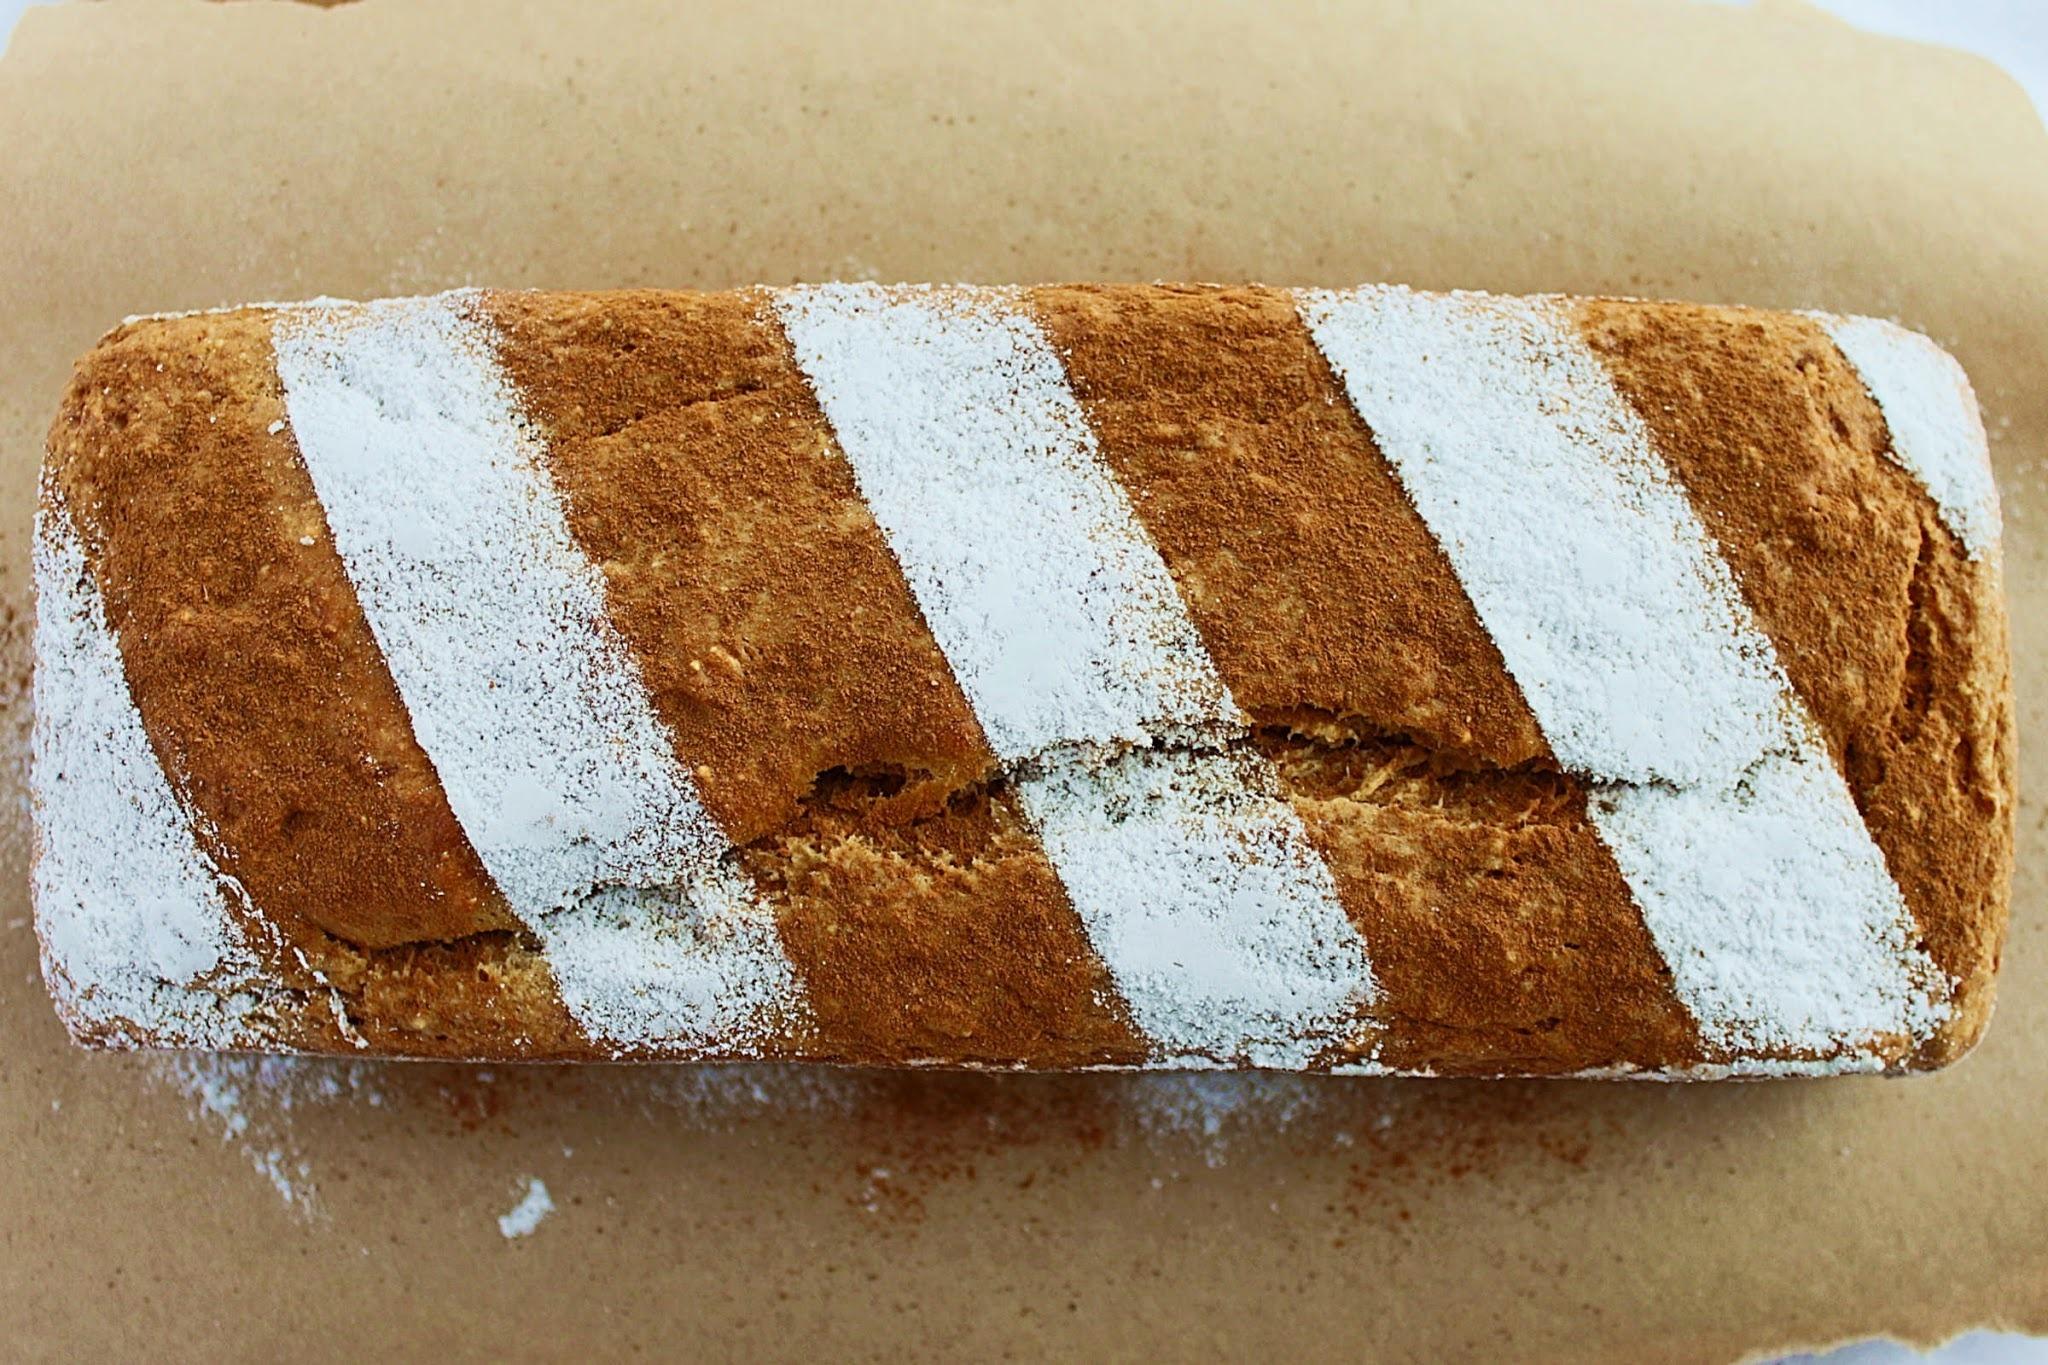 bolo de chocolate fécula de batata e farinha trigo integral